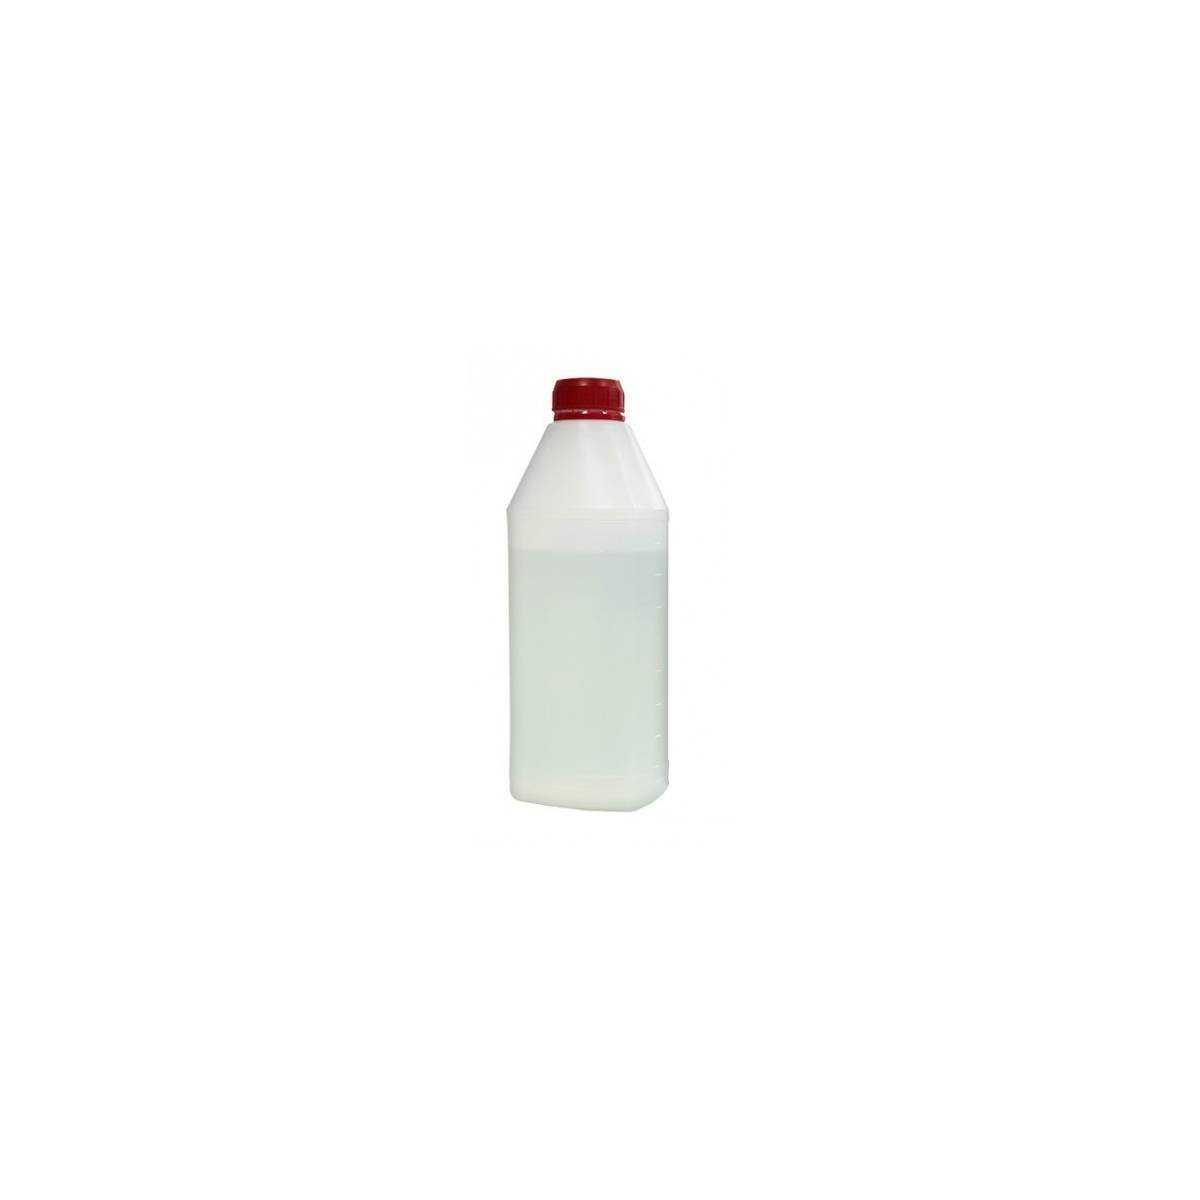 Средство моющее с ароматом «Колонья» 1л D.P.1017/C 1л ECOCHEM